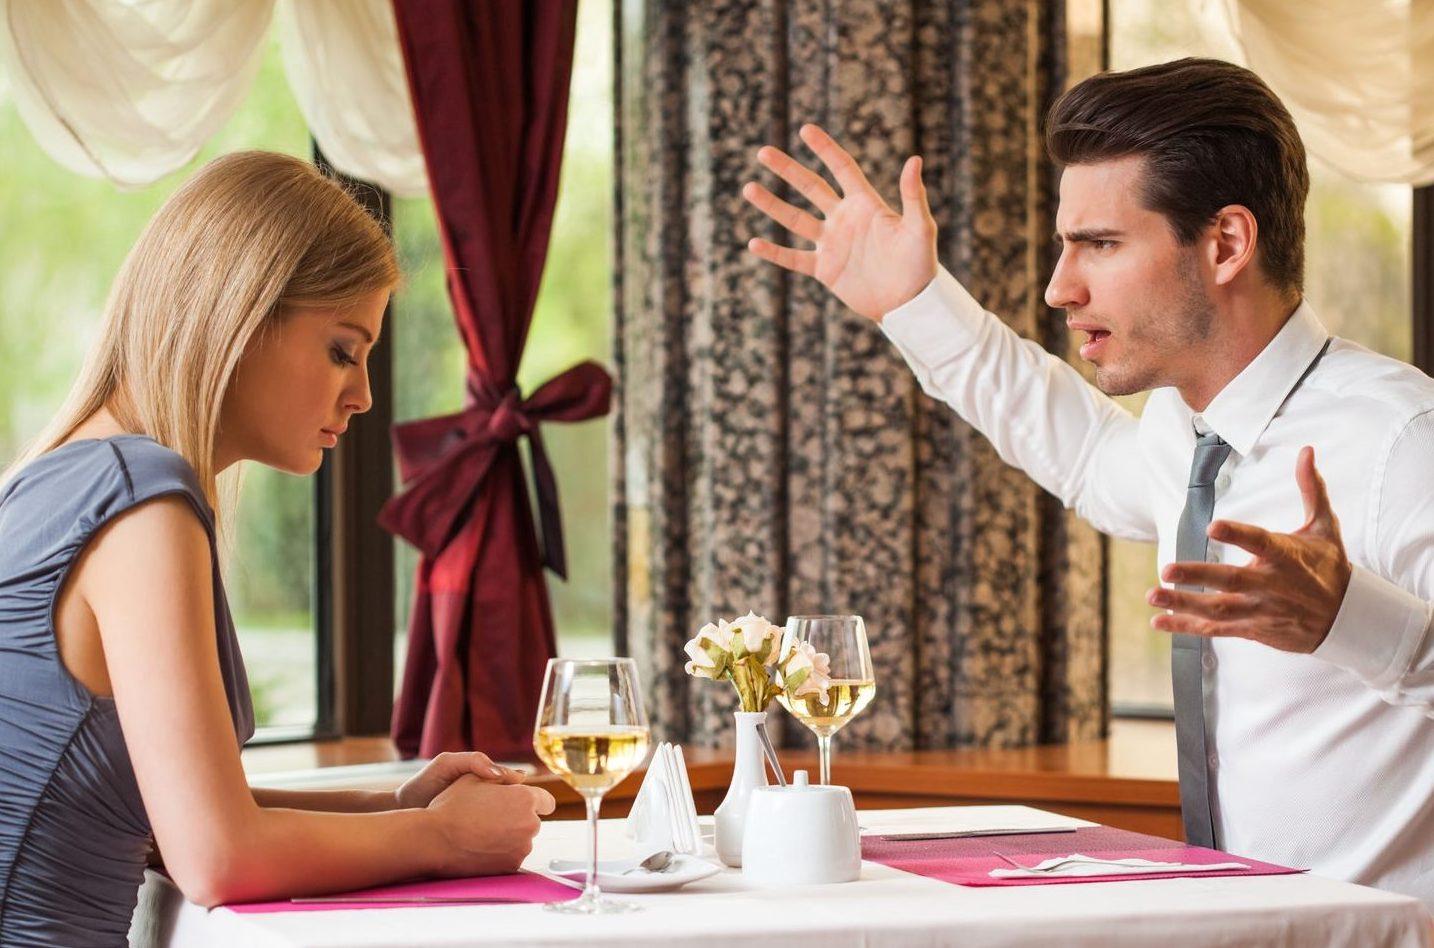 Пять мужских привычек, которые раздражают женщин